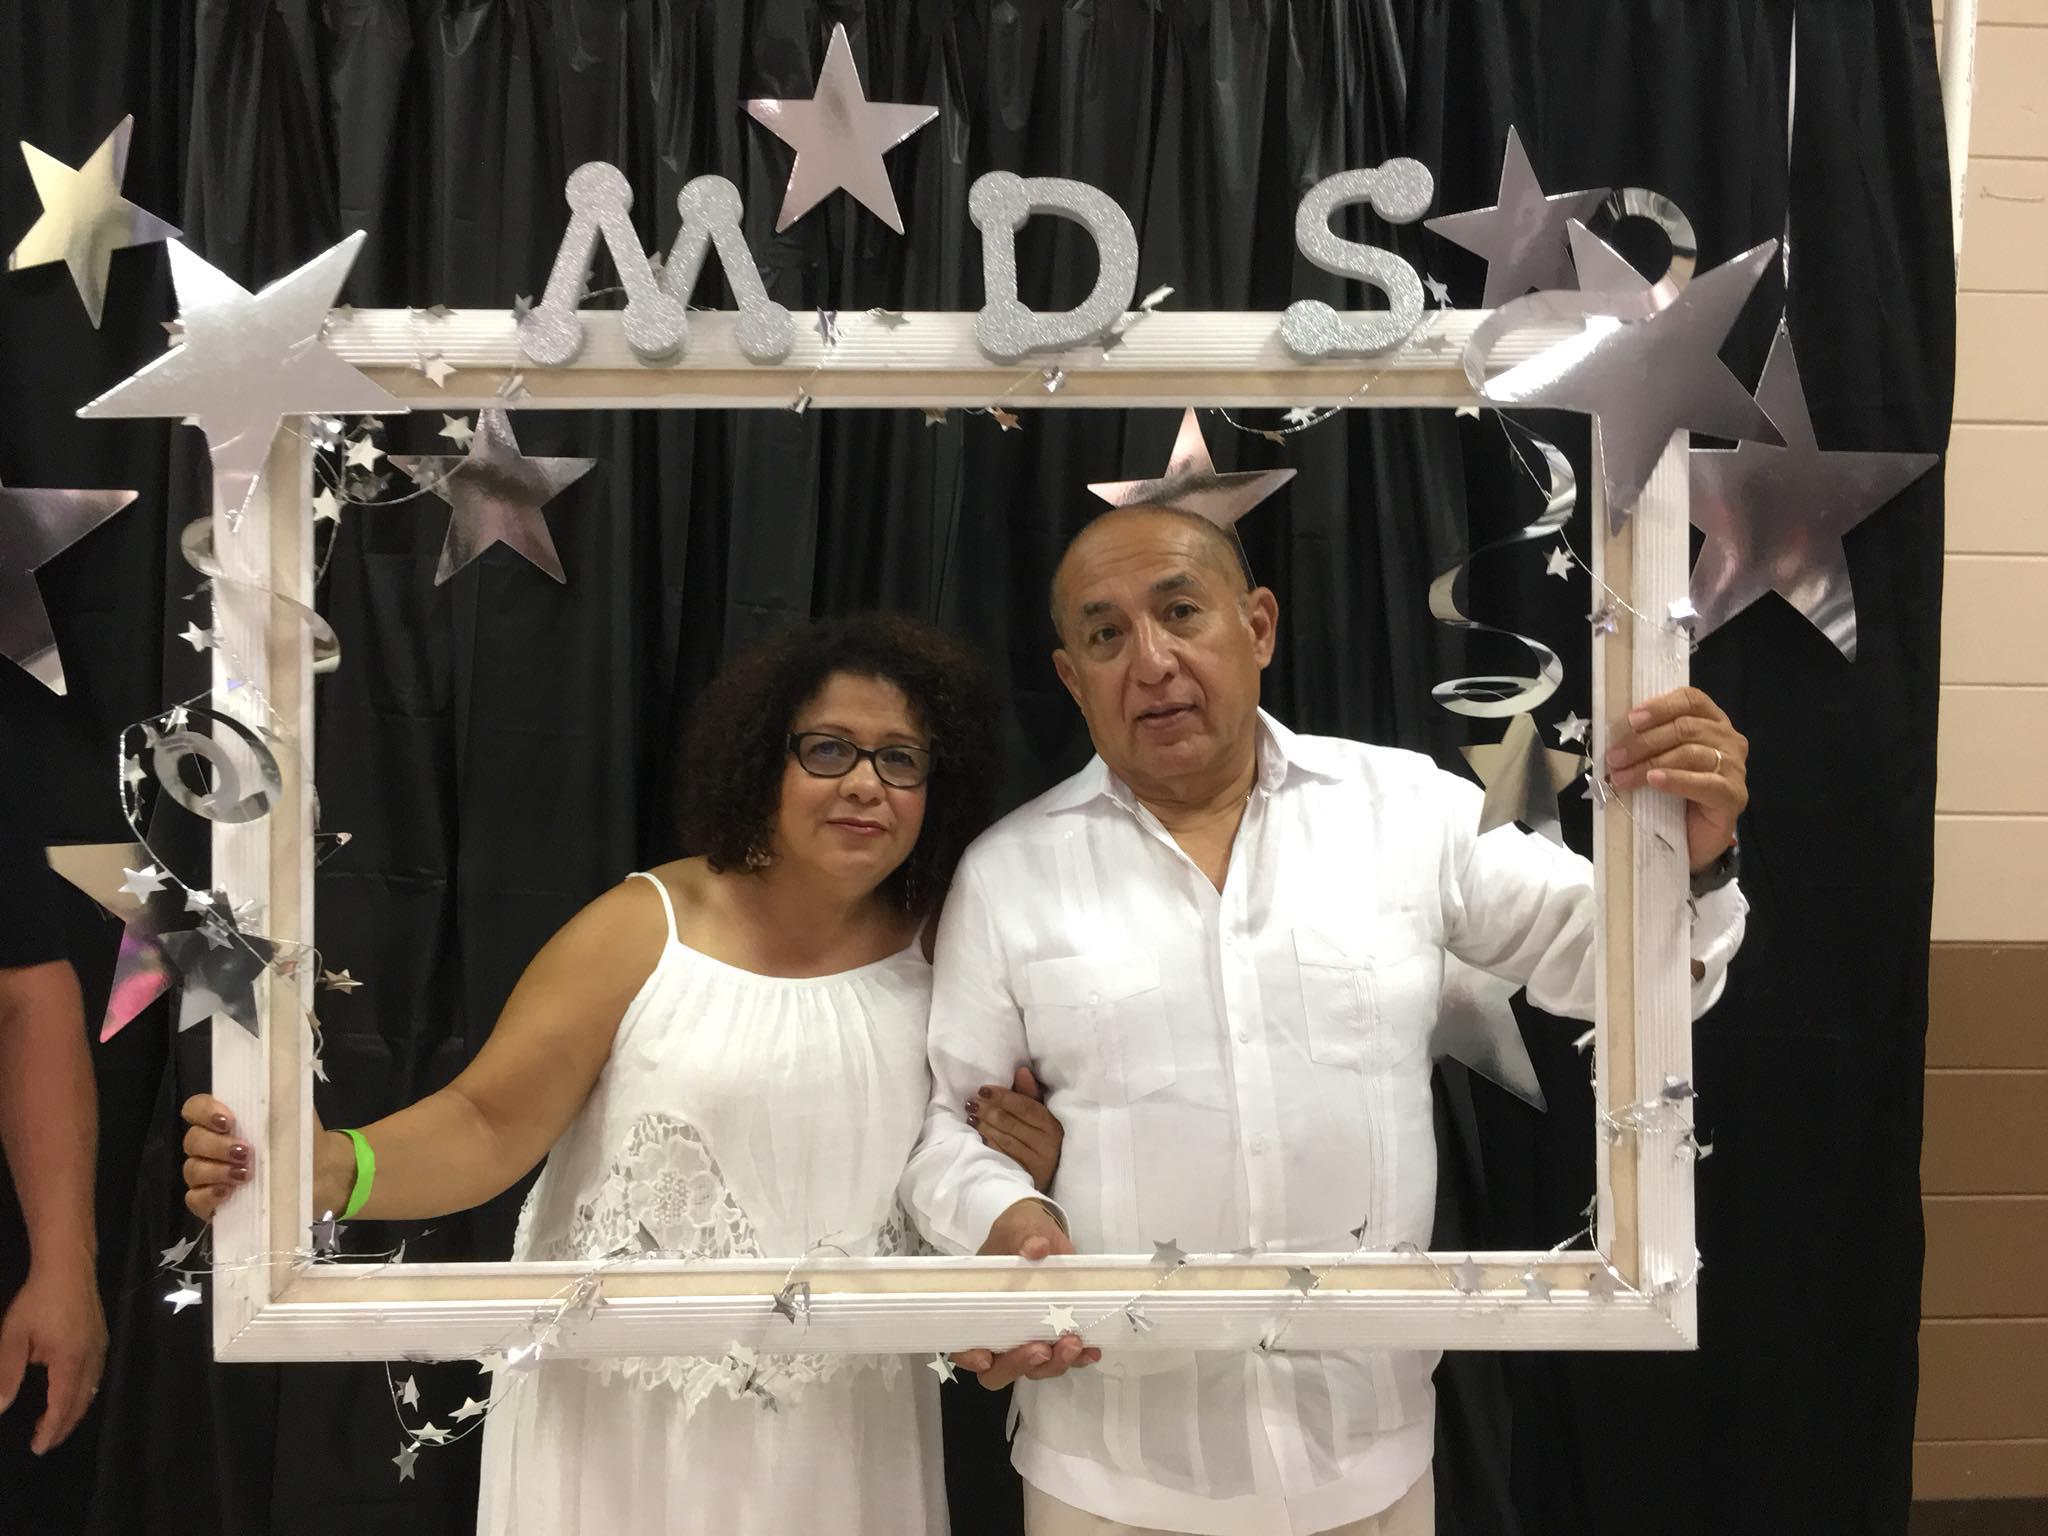 Manuel y Arelis - Dominicanos.jpg